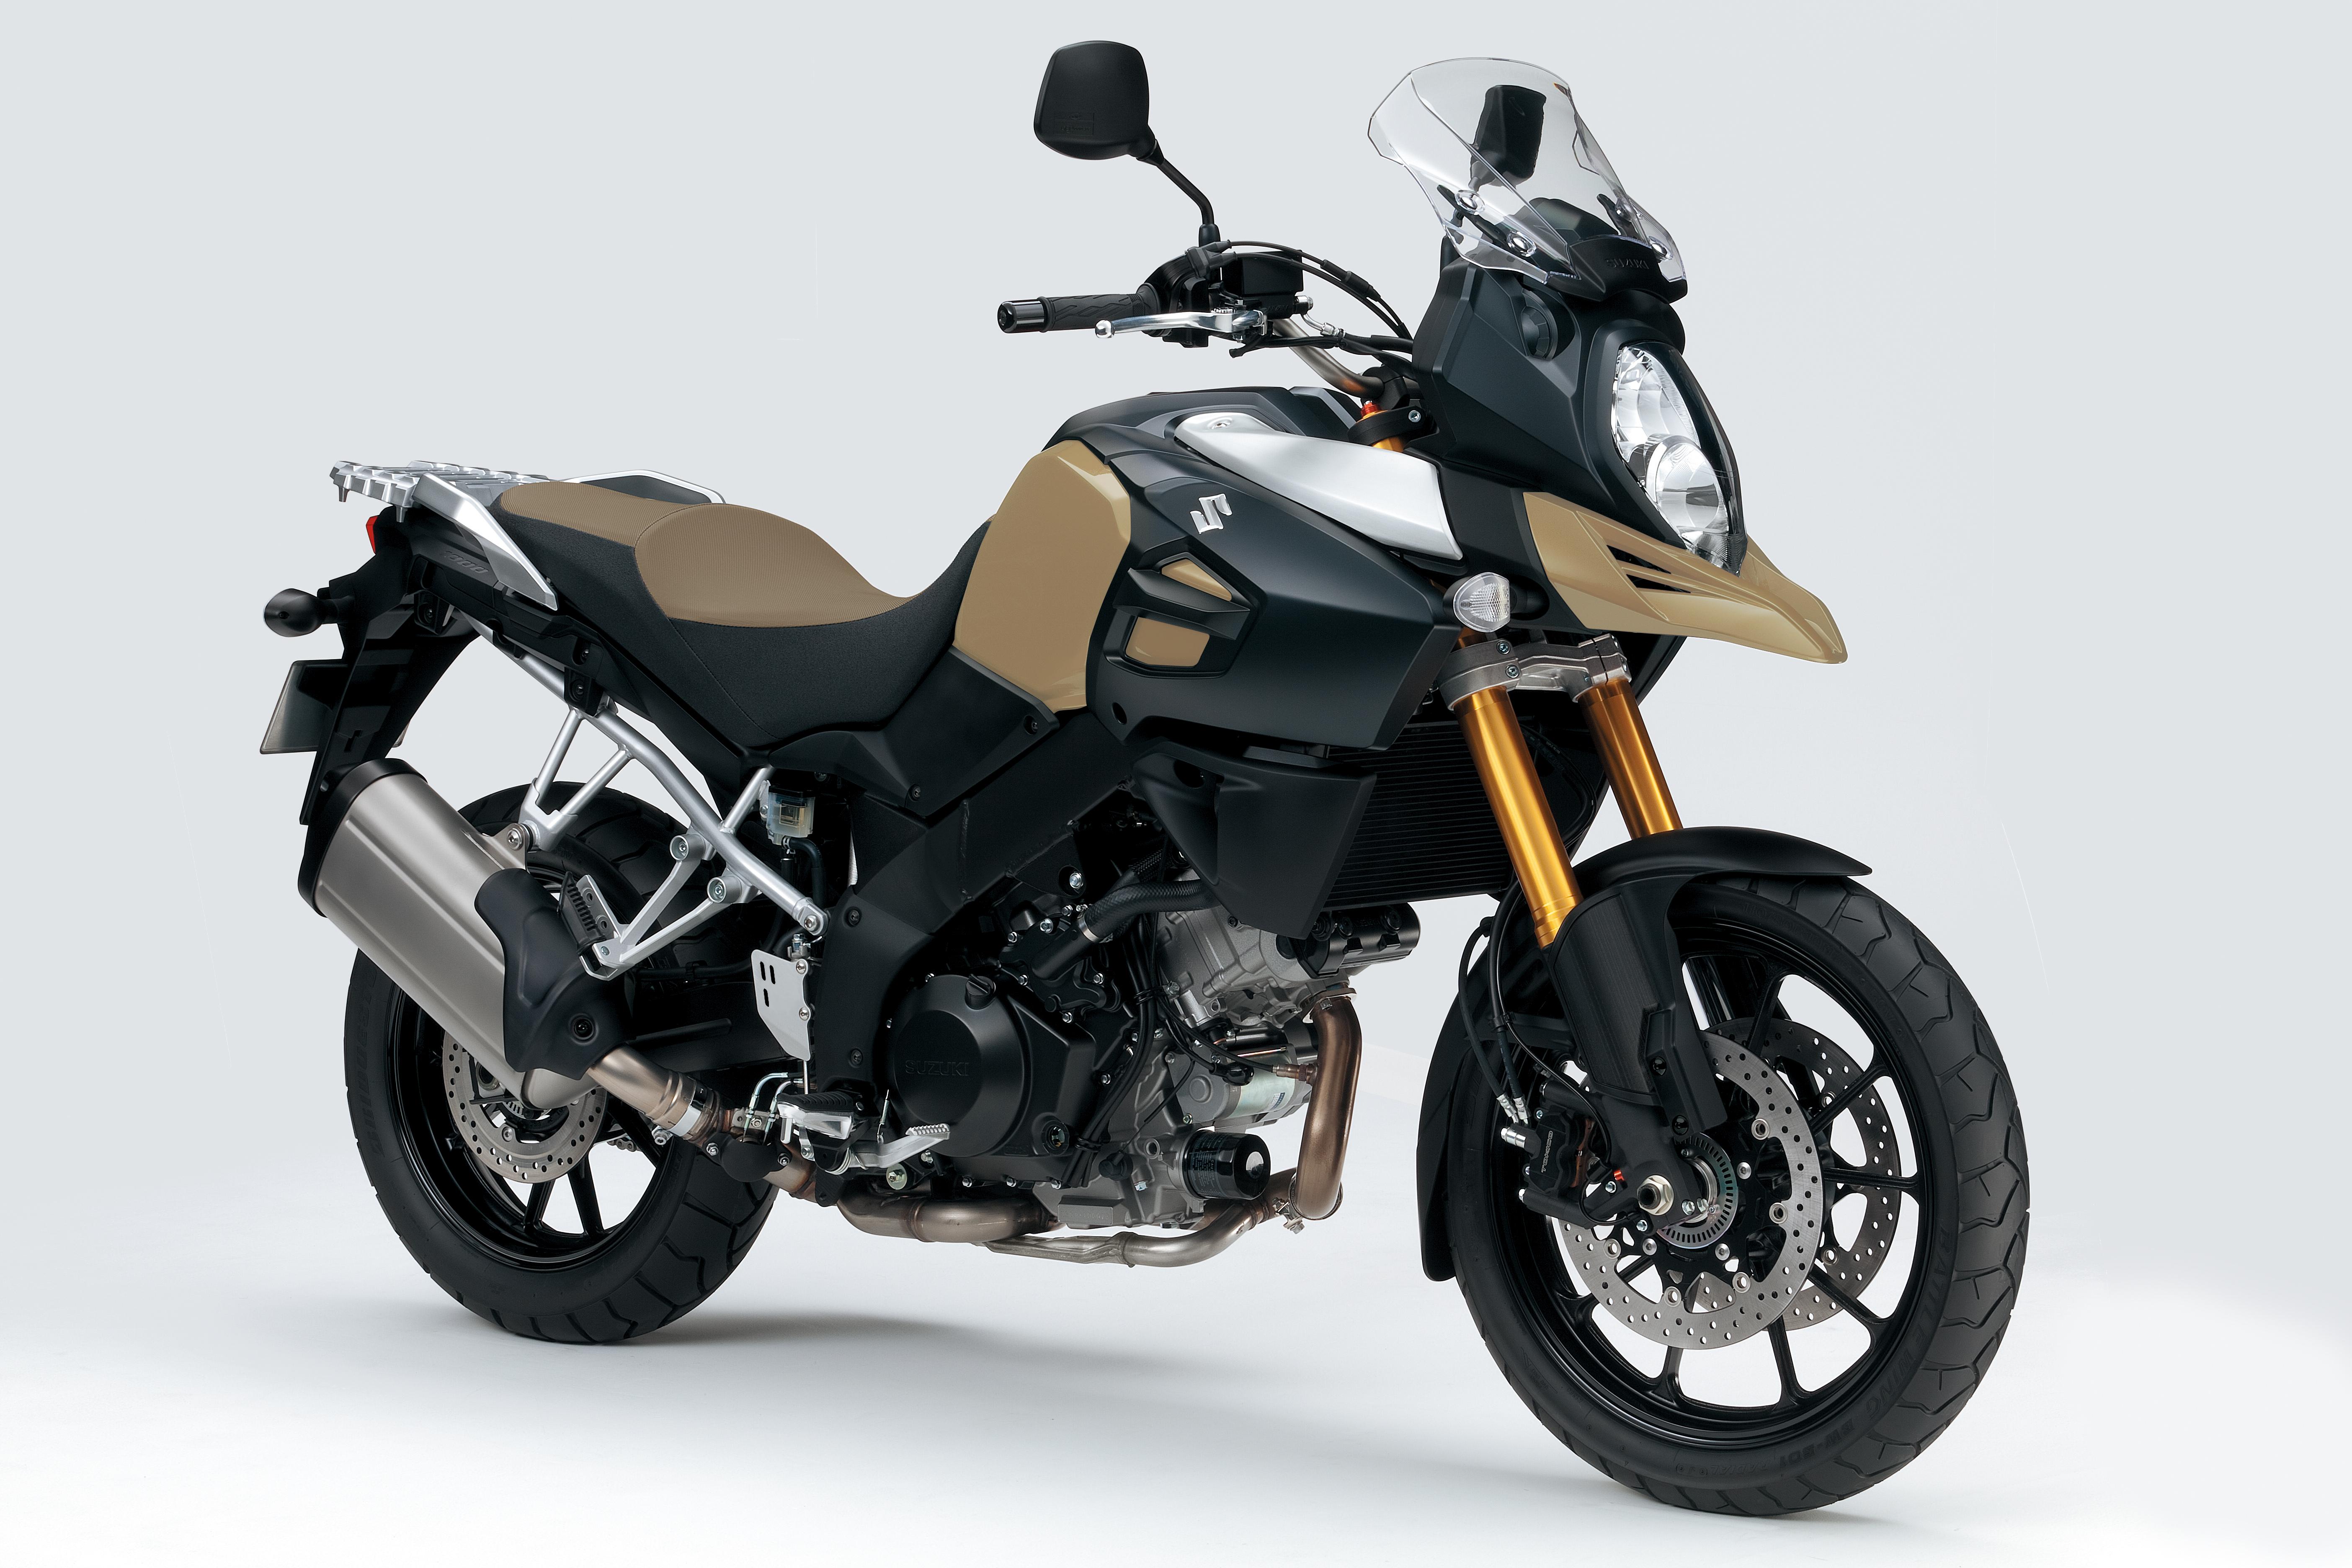 First ride: Suzuki V-Strom 1000 review